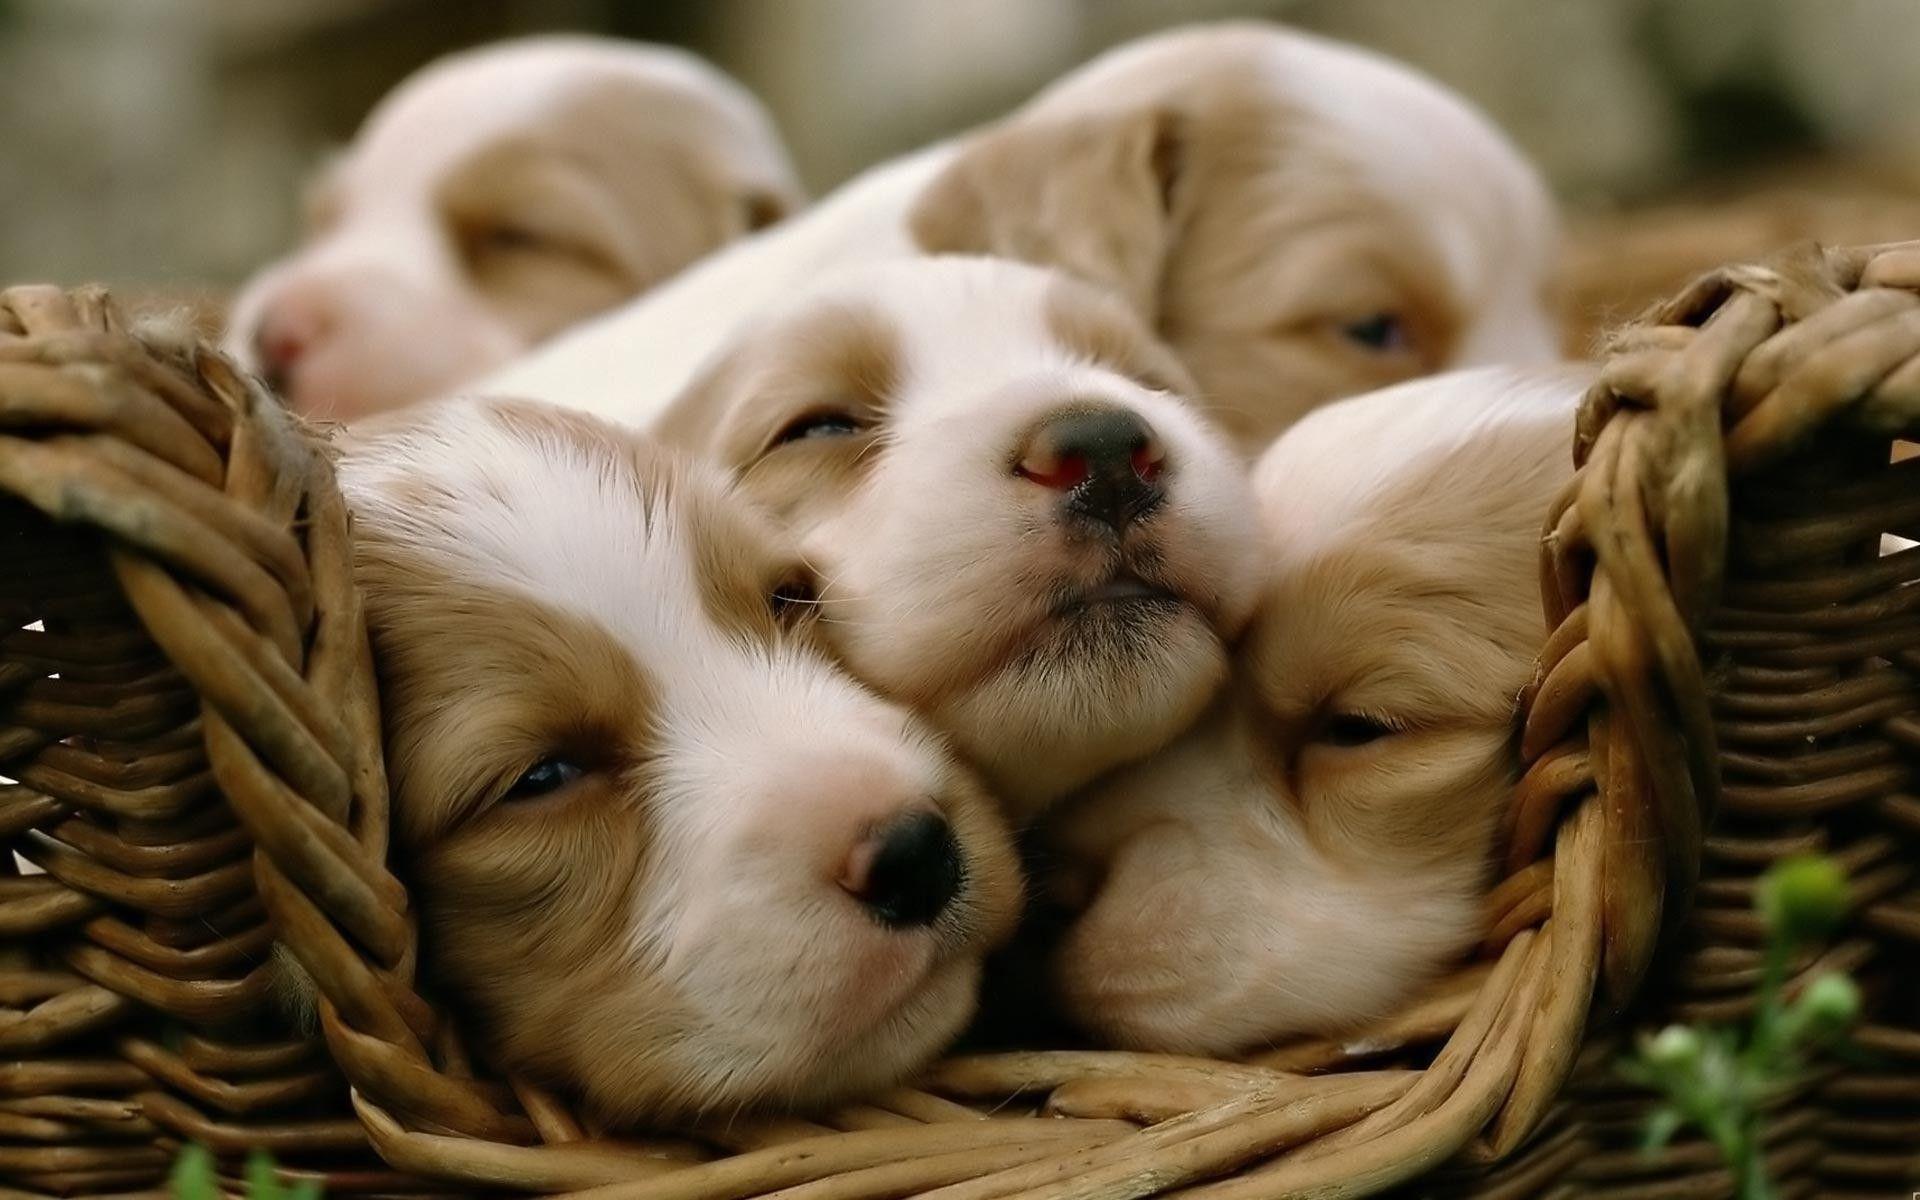 Cute Puppy Desktop Wallpapers Top Free Cute Puppy Desktop Backgrounds Wallpaperaccess